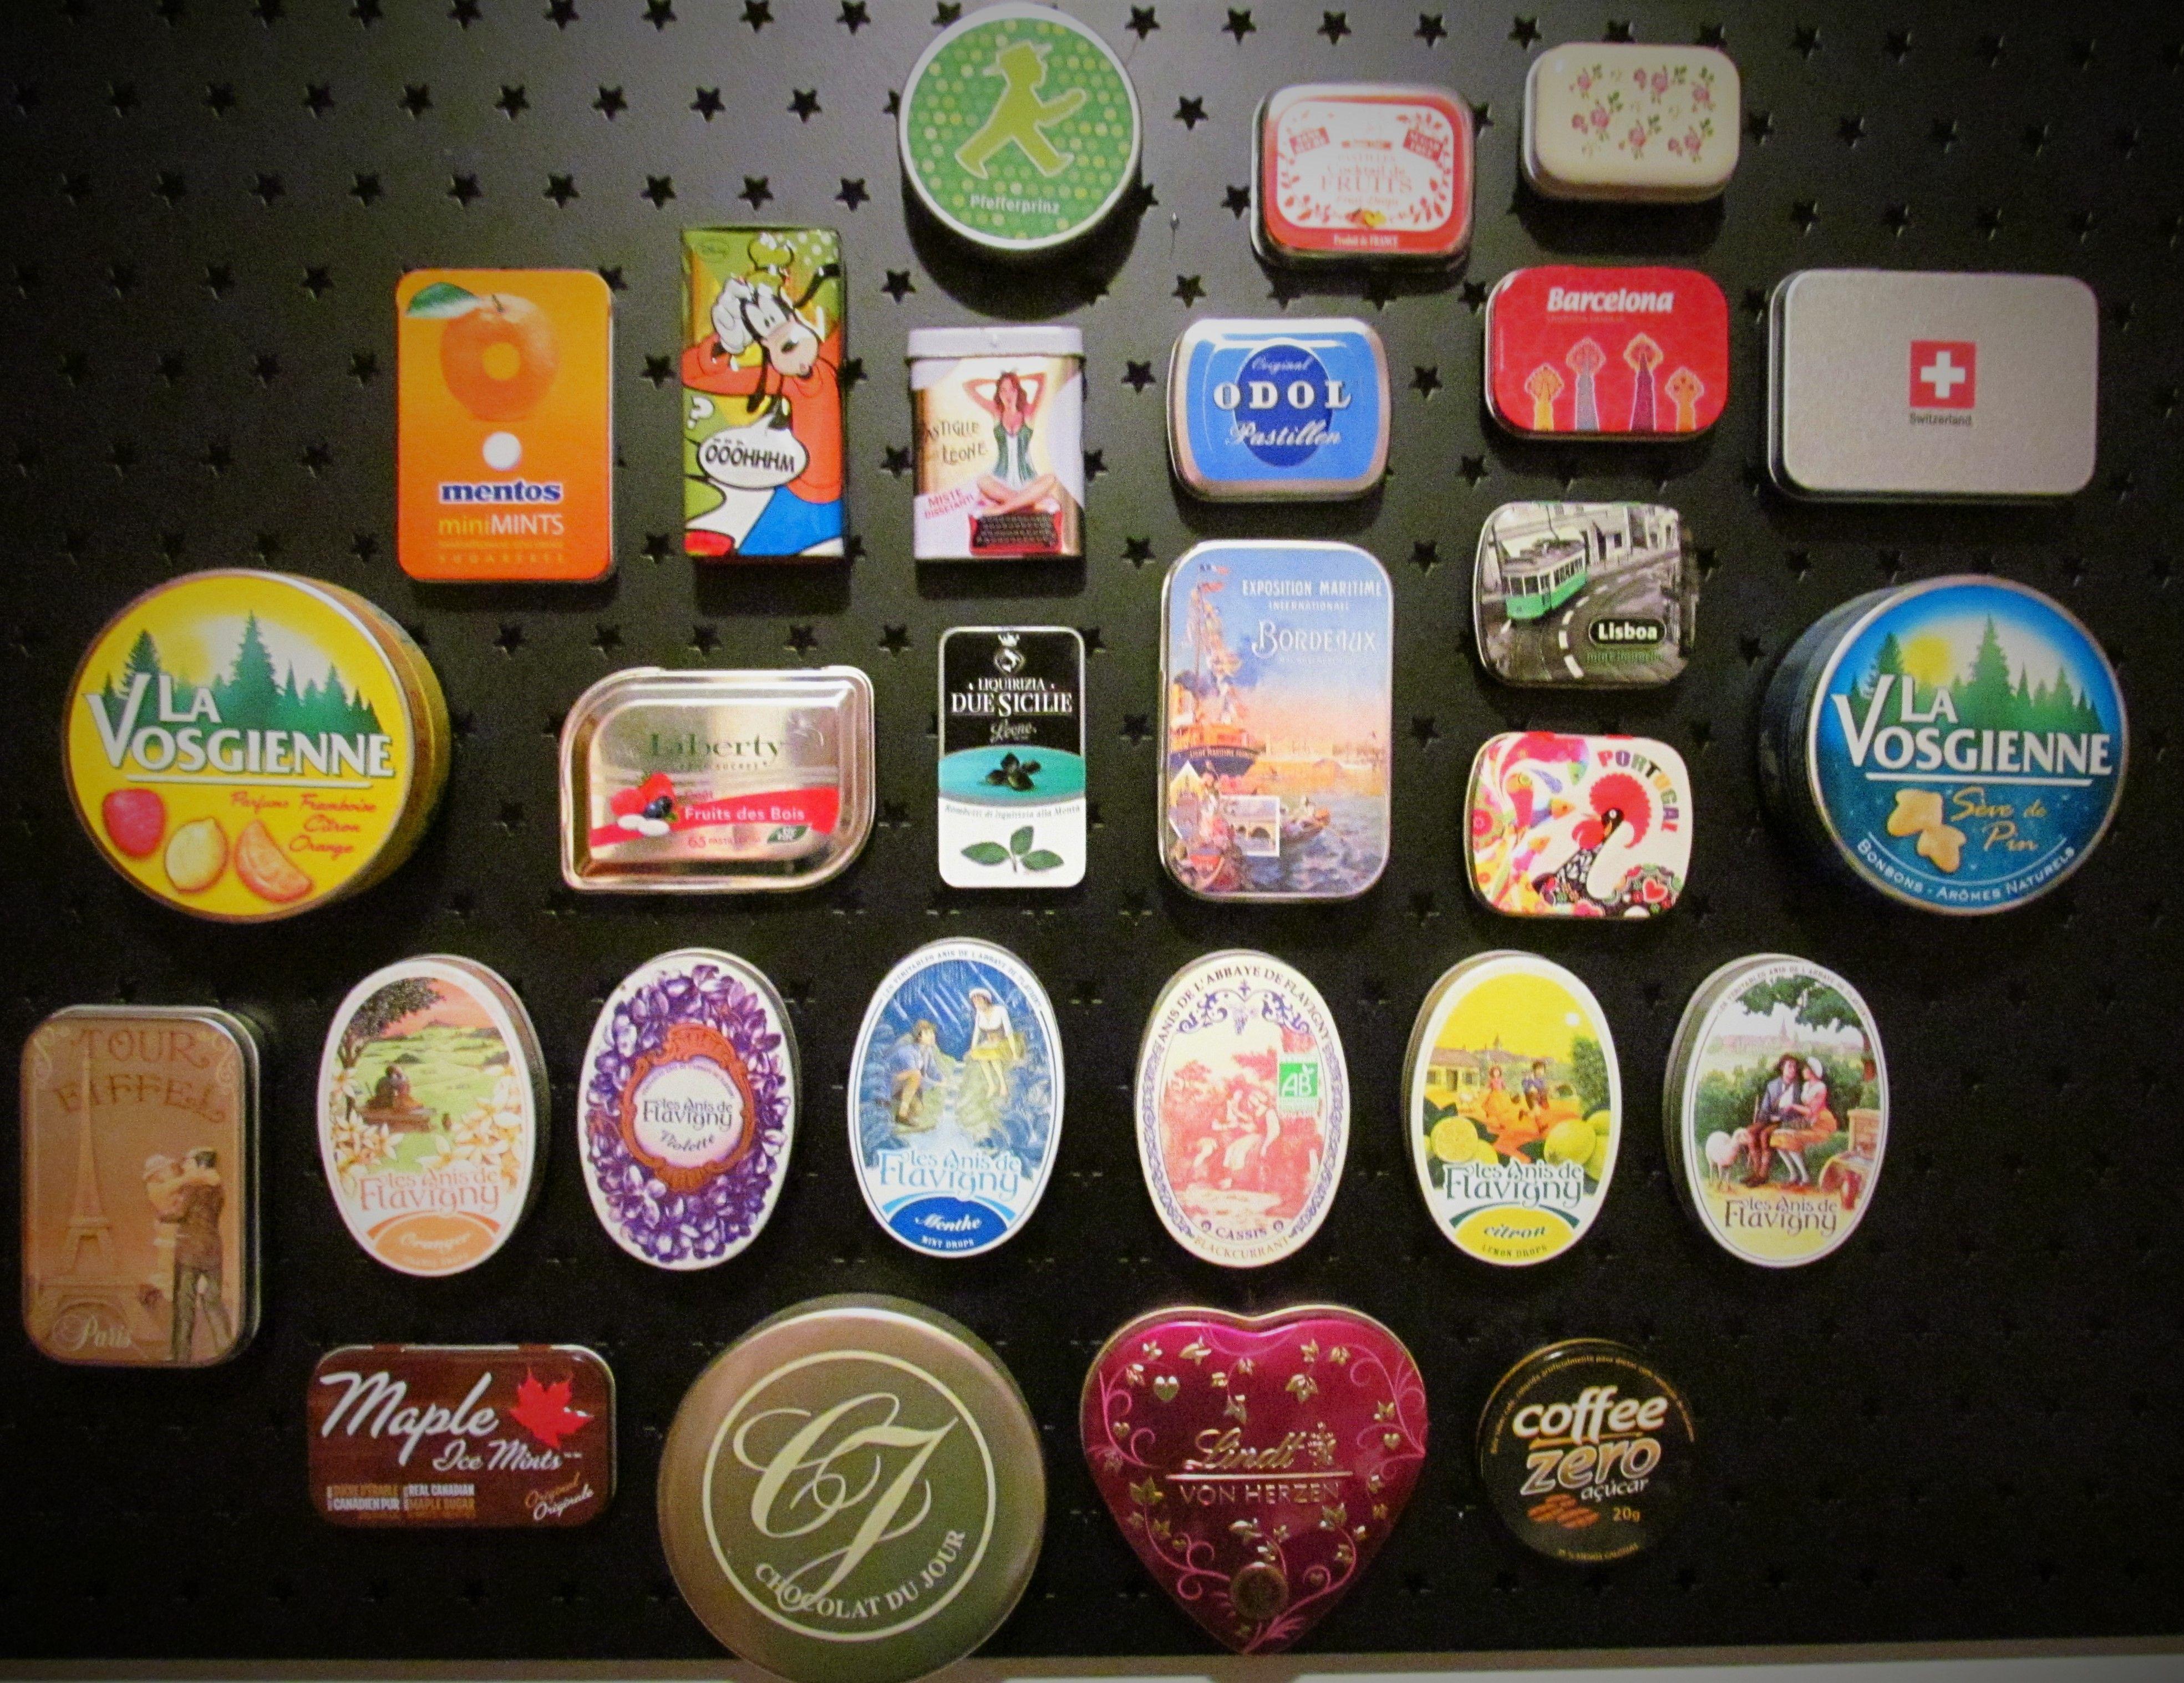 Coleção de latas de balas - Fixação com ímãs em painel metálico